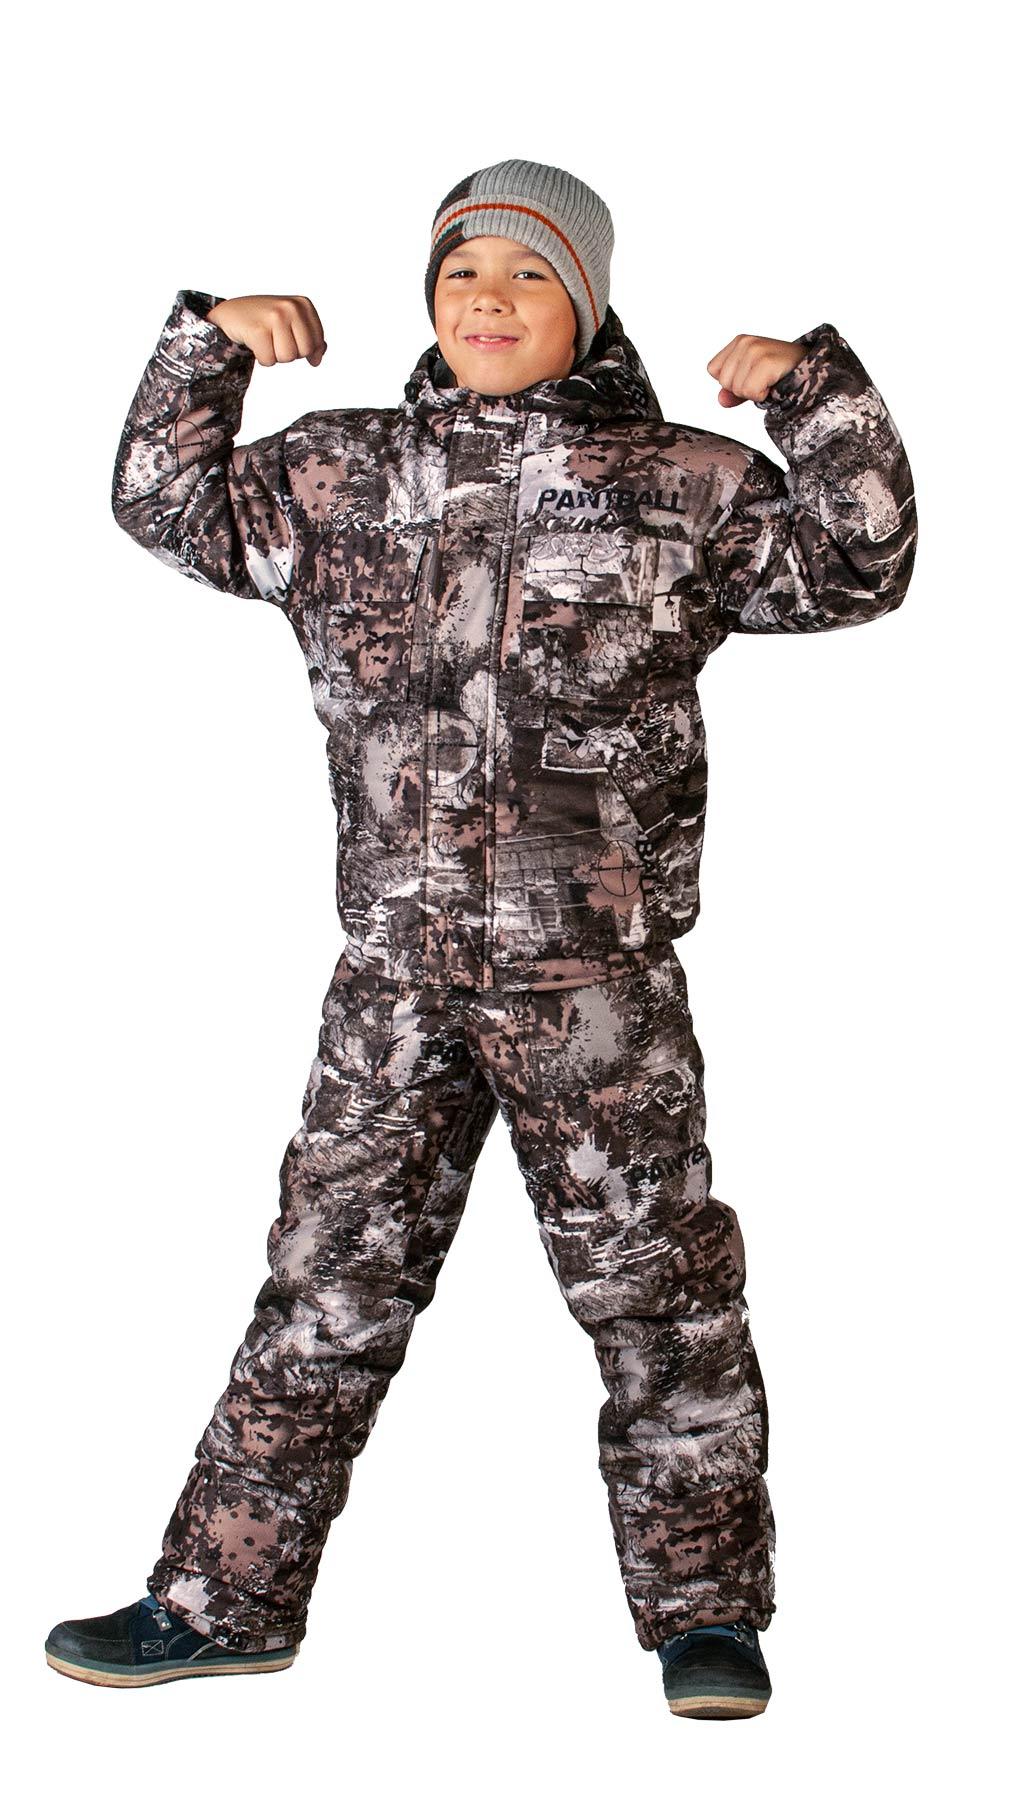 Костюм детский Тайга зимний, подклад фольгированный, ткань Алова-мембрана, камуфляж цвет Paintball, Костюмы для охоты - арт. 1128640399